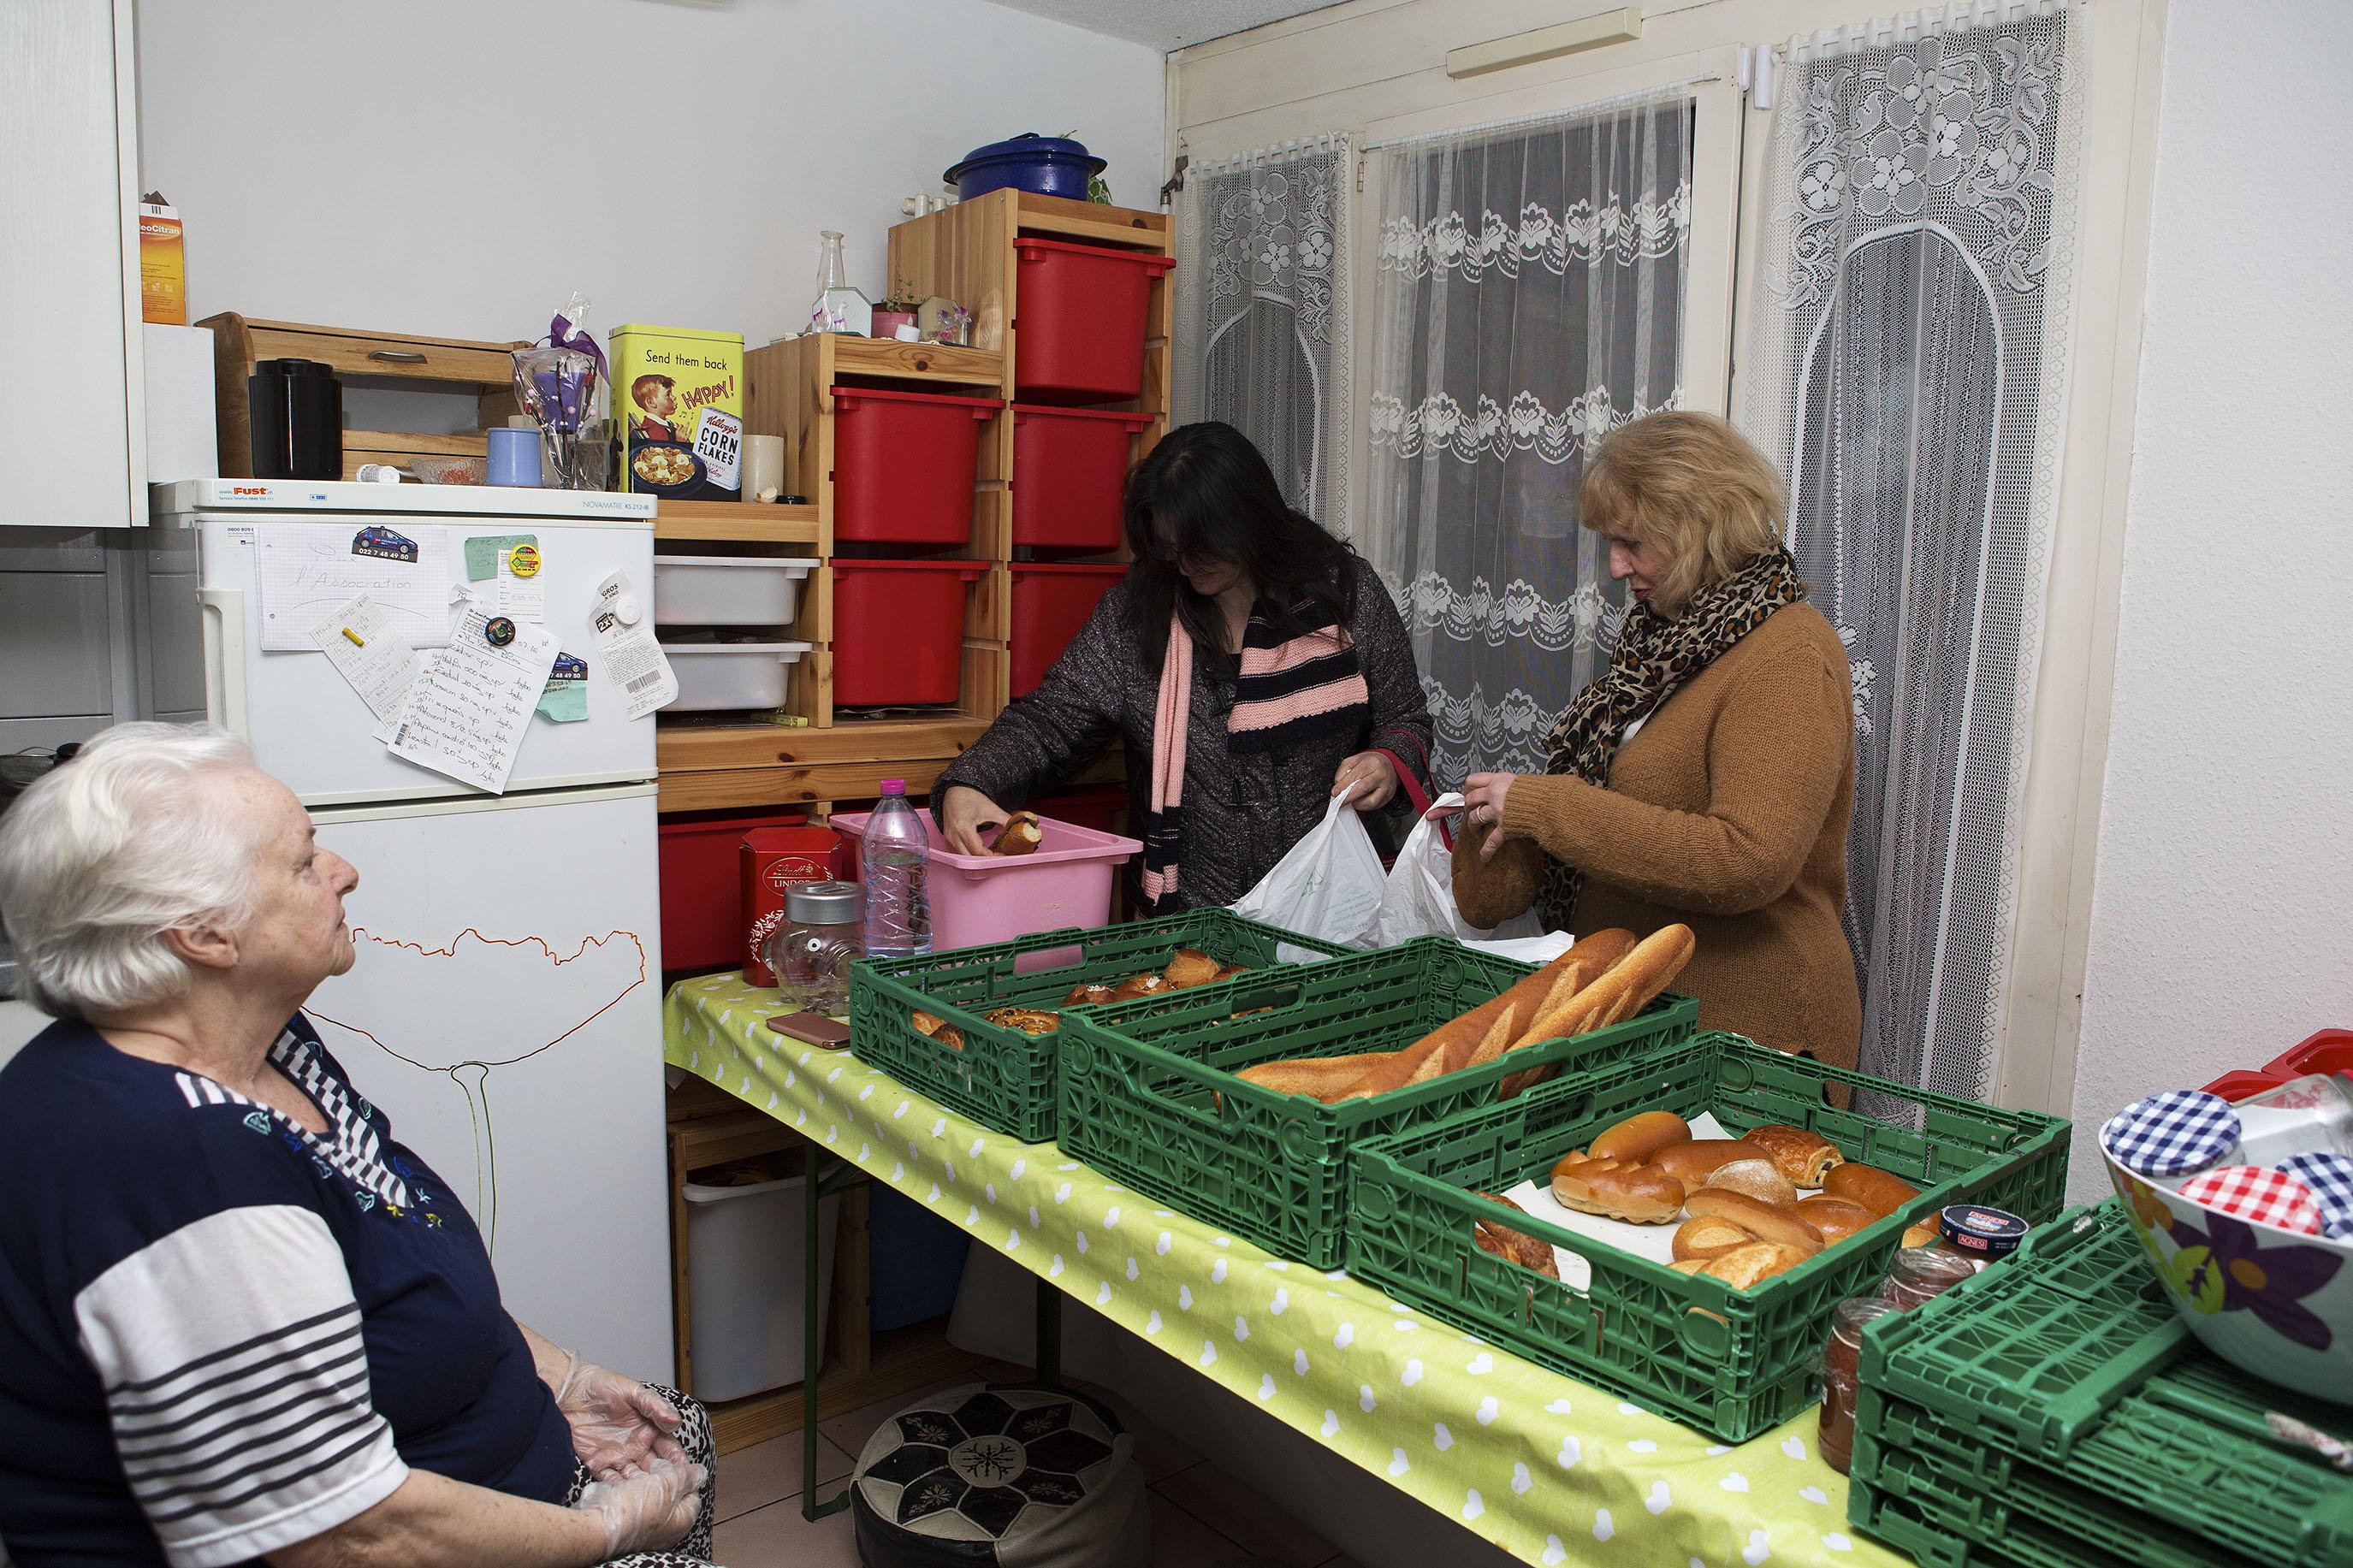 Yvette Bhira s'assure que les aliments soit équitablements partagés et que les familles nombreuses osent prendre une quantité suffisante pour tous.